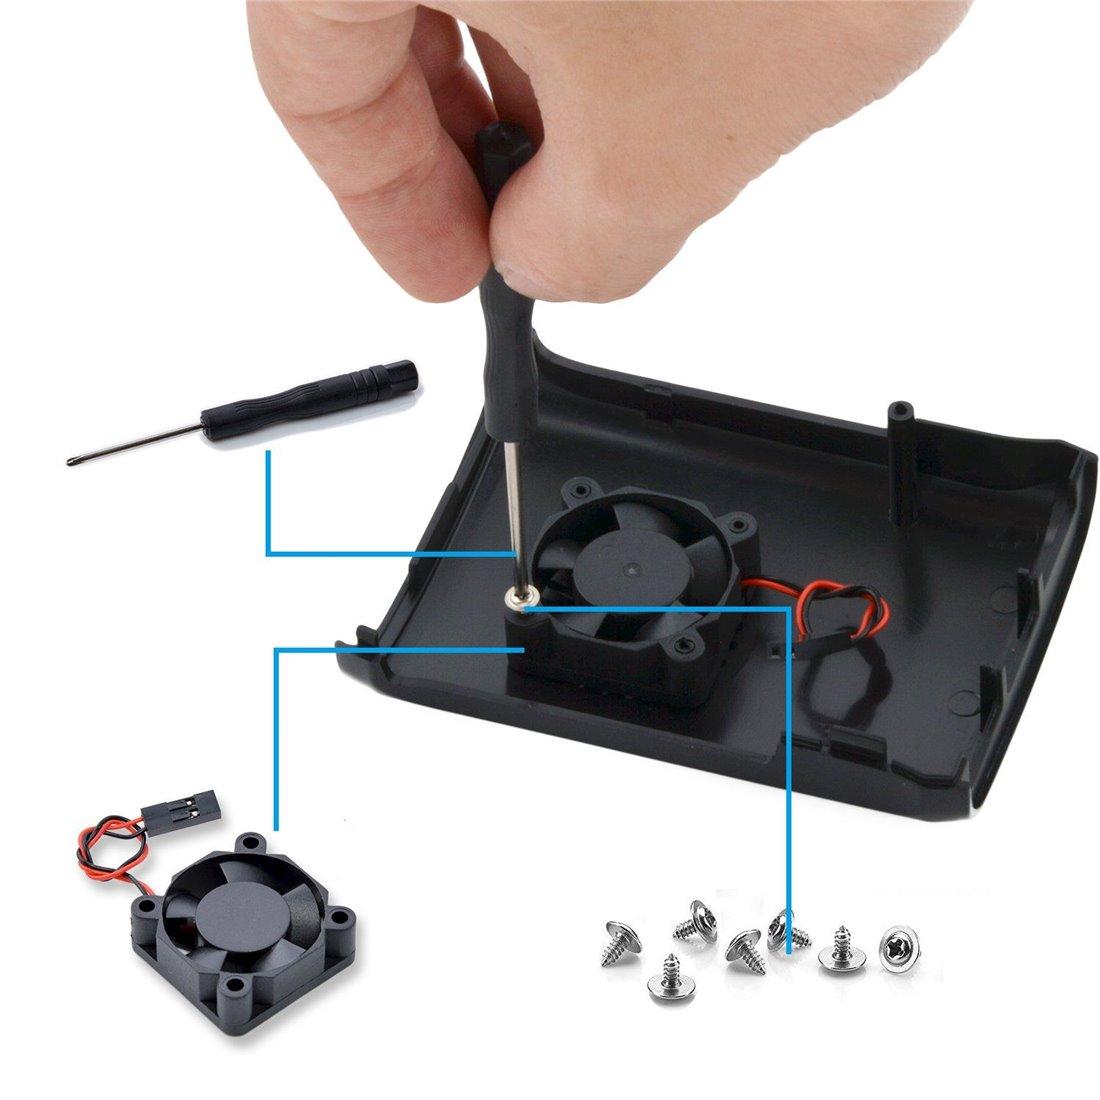 Aukru Kit de Raspberry Pi Alimentation 5V 3A avec interrupteur + Transparent Case + Ventilateur (Brushless DC Fan) + Dissipat